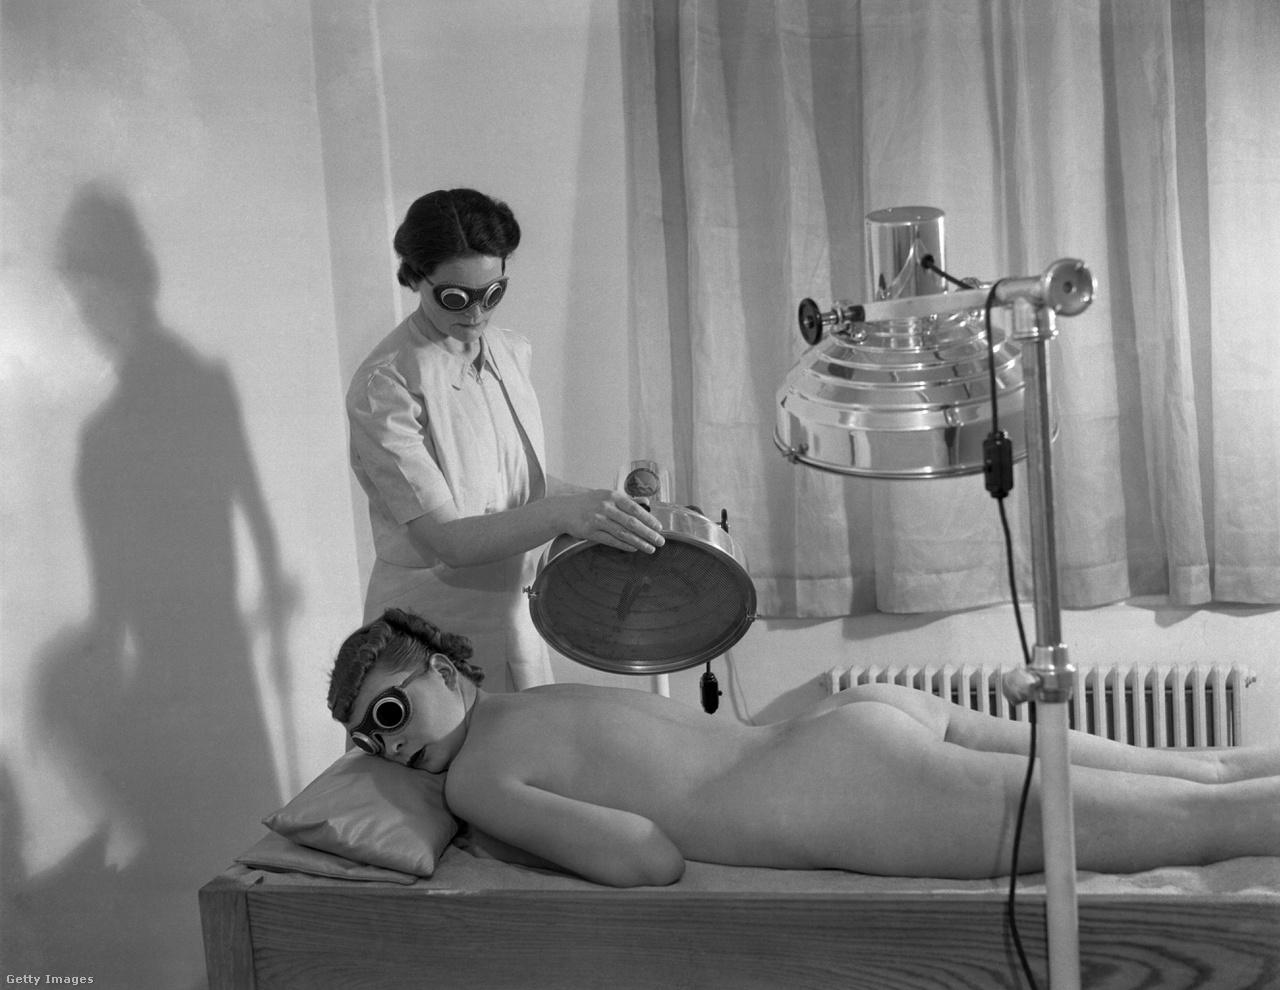 1930-as évek, New York, egész testes ultraibolya sugárzásos kezelés homokágyon.